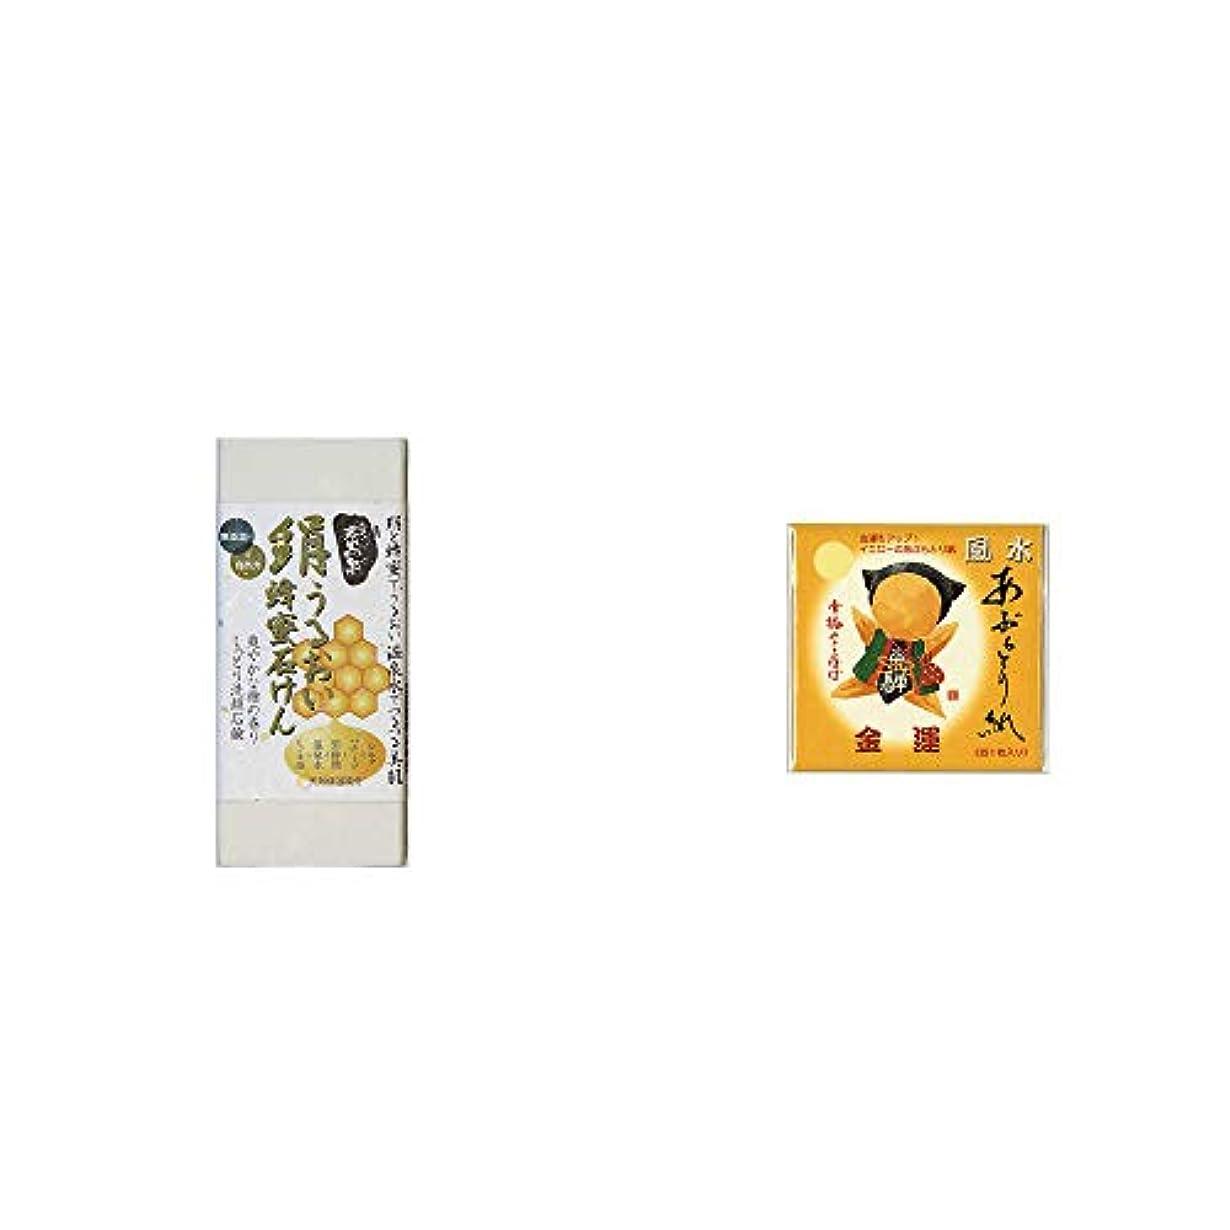 速度読むインカ帝国[2点セット] ひのき炭黒泉 絹うるおい蜂蜜石けん(75g×2)?さるぼぼ 風水あぶらとり紙【イエロー】